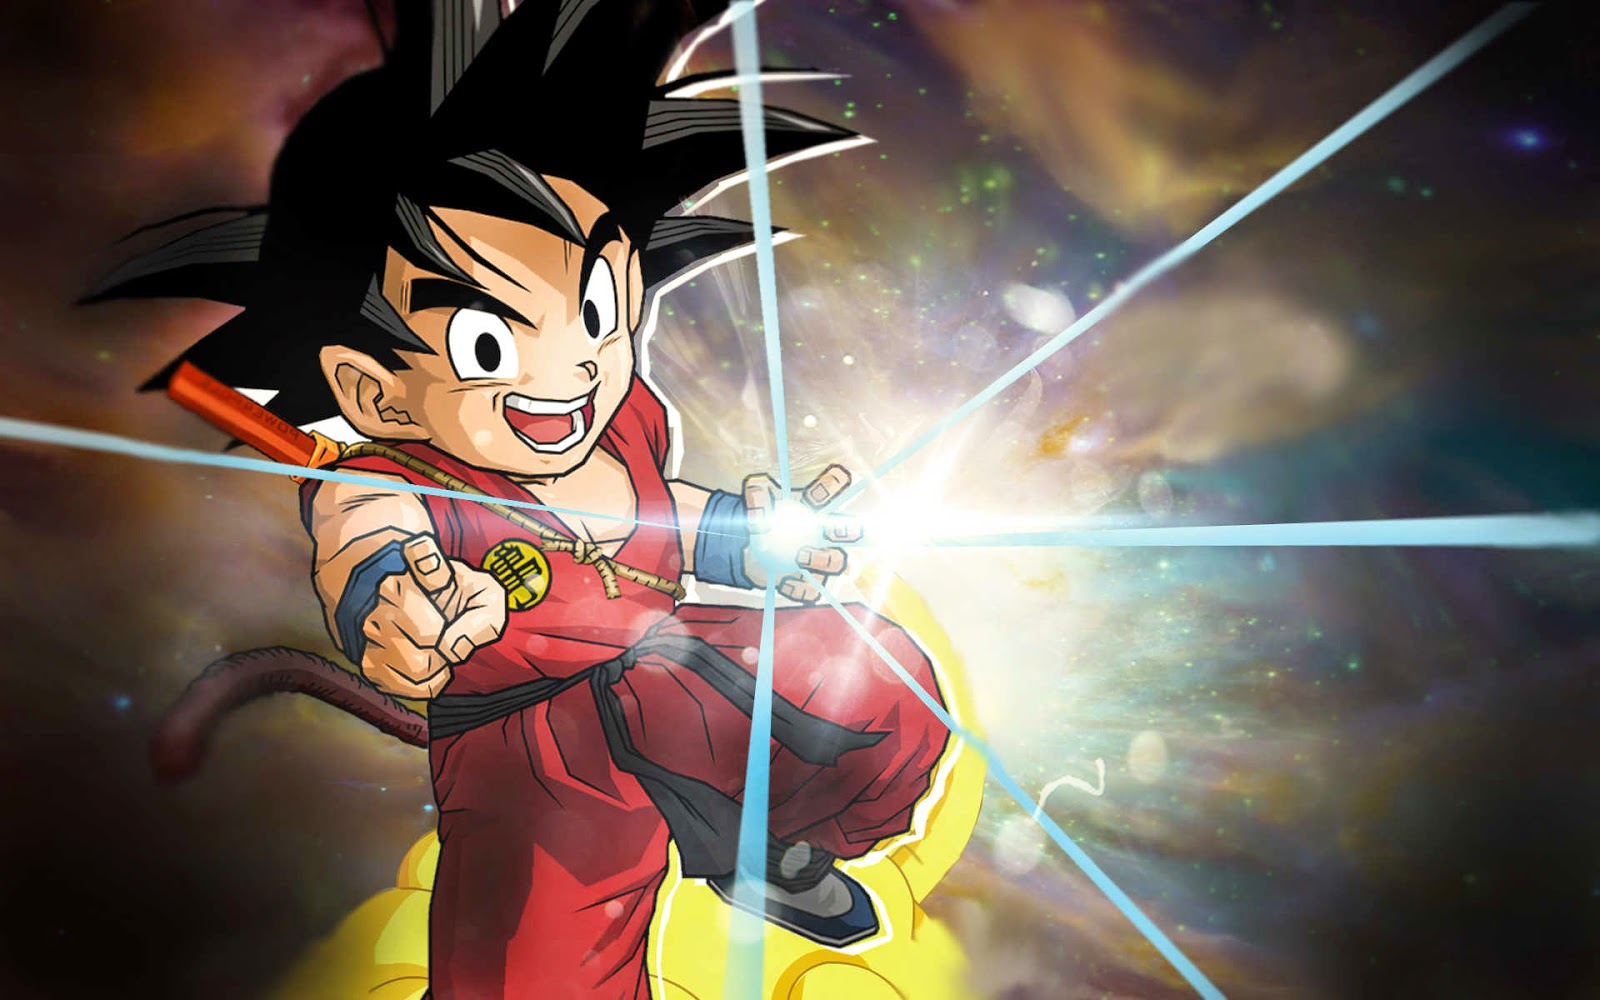 Download 580 Koleksi Wallpaper Bergerak Goku Gratis Terbaik